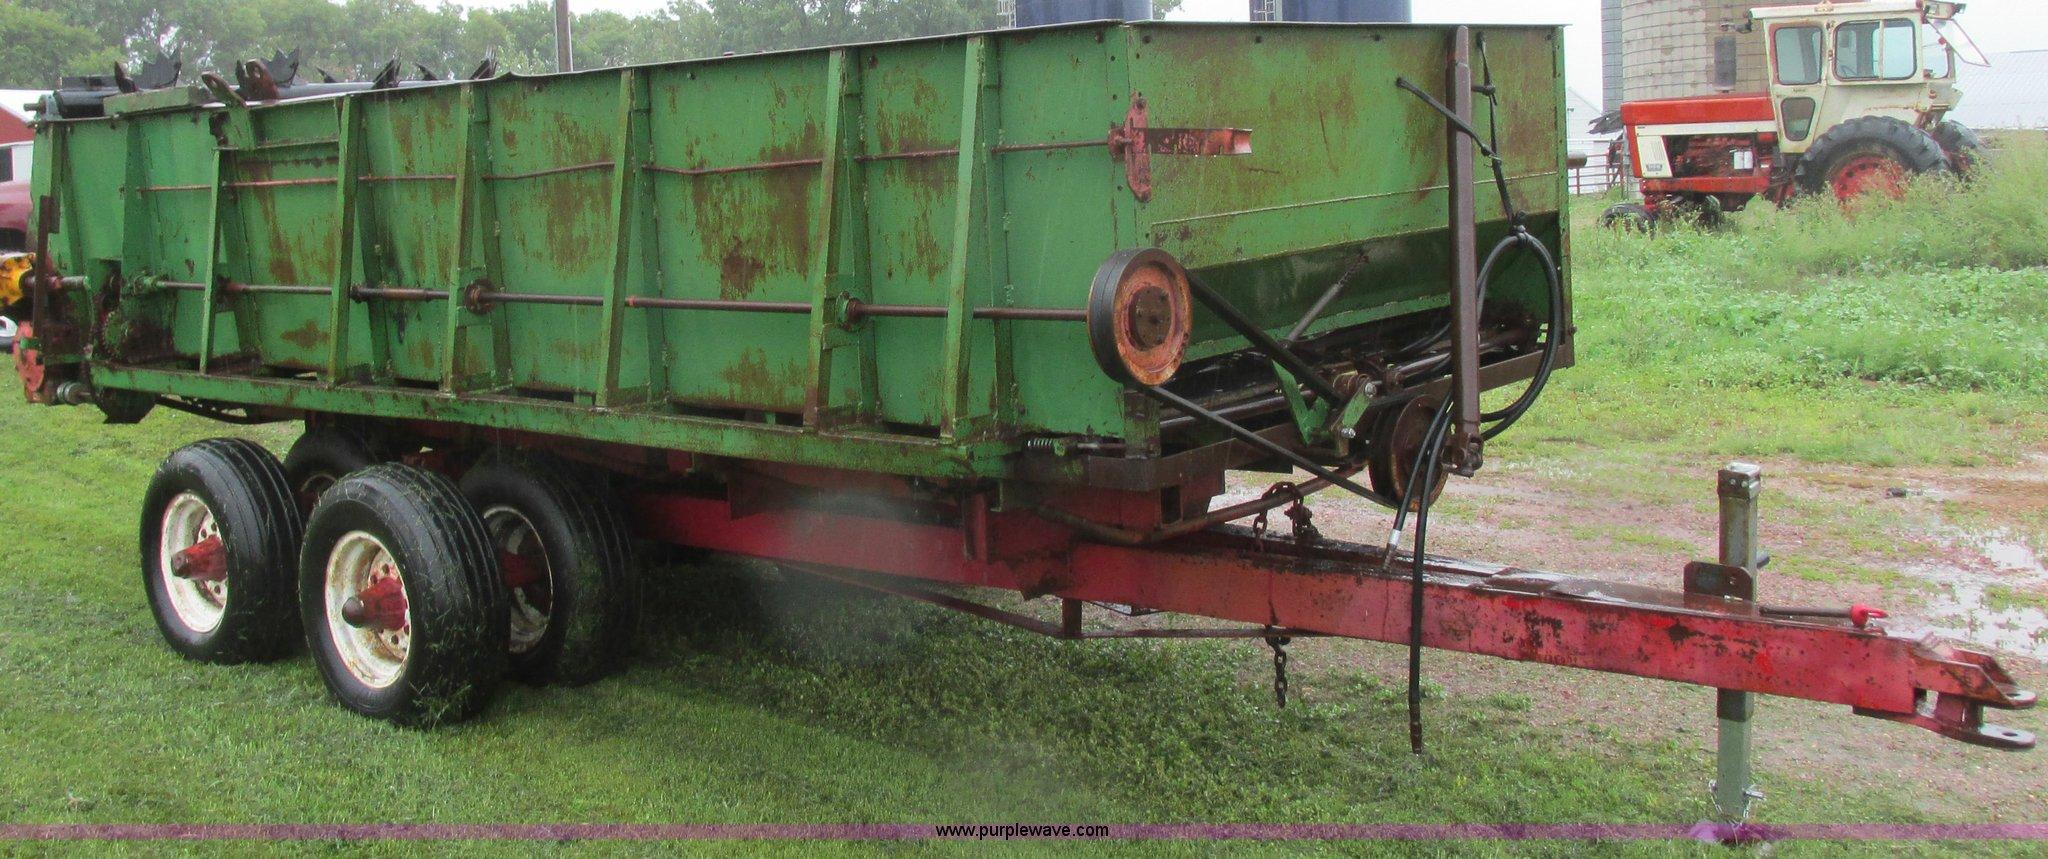 Balzer manure spreader | Item I6148 | SOLD! September 24 Ag